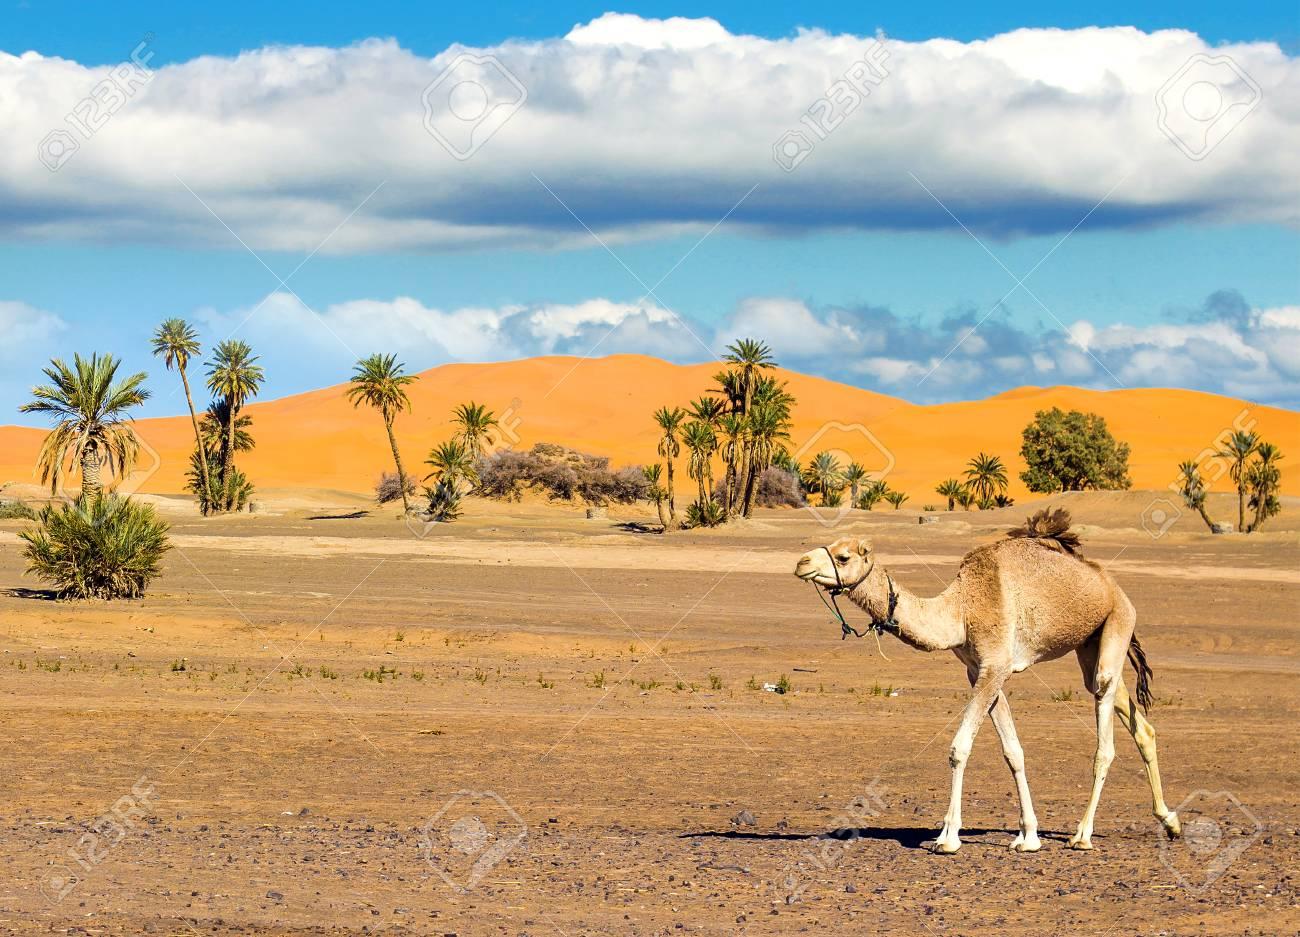 Camel in the Sahara desert - 97419670